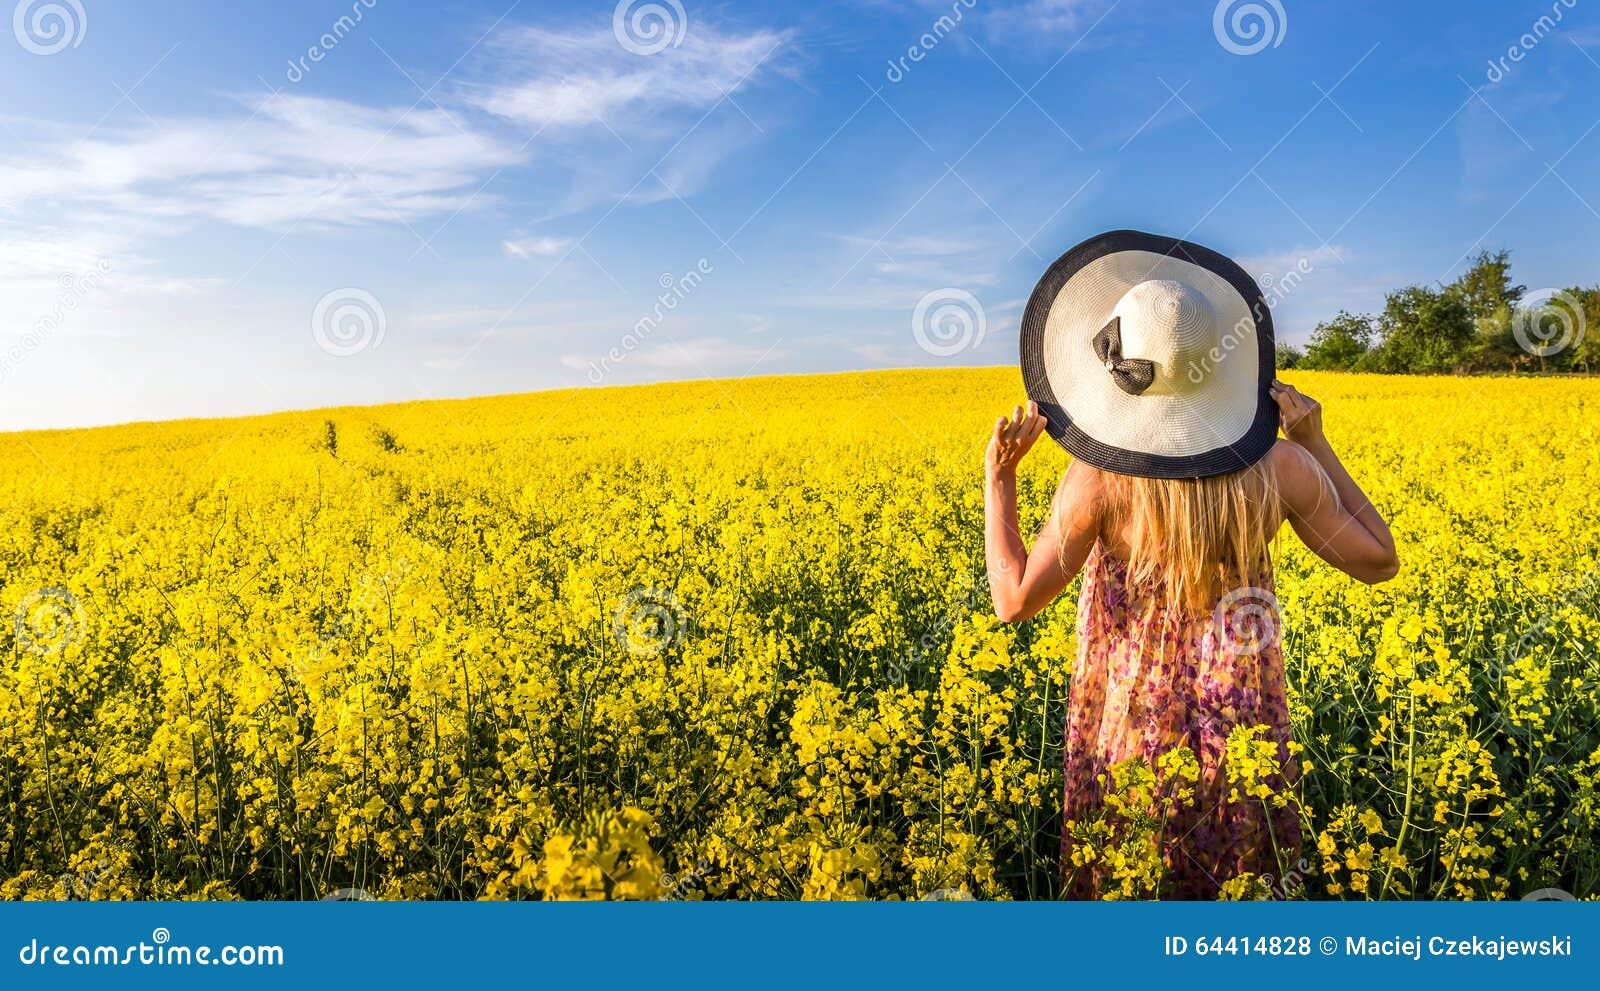 beautiful yellow field landscape - photo #17